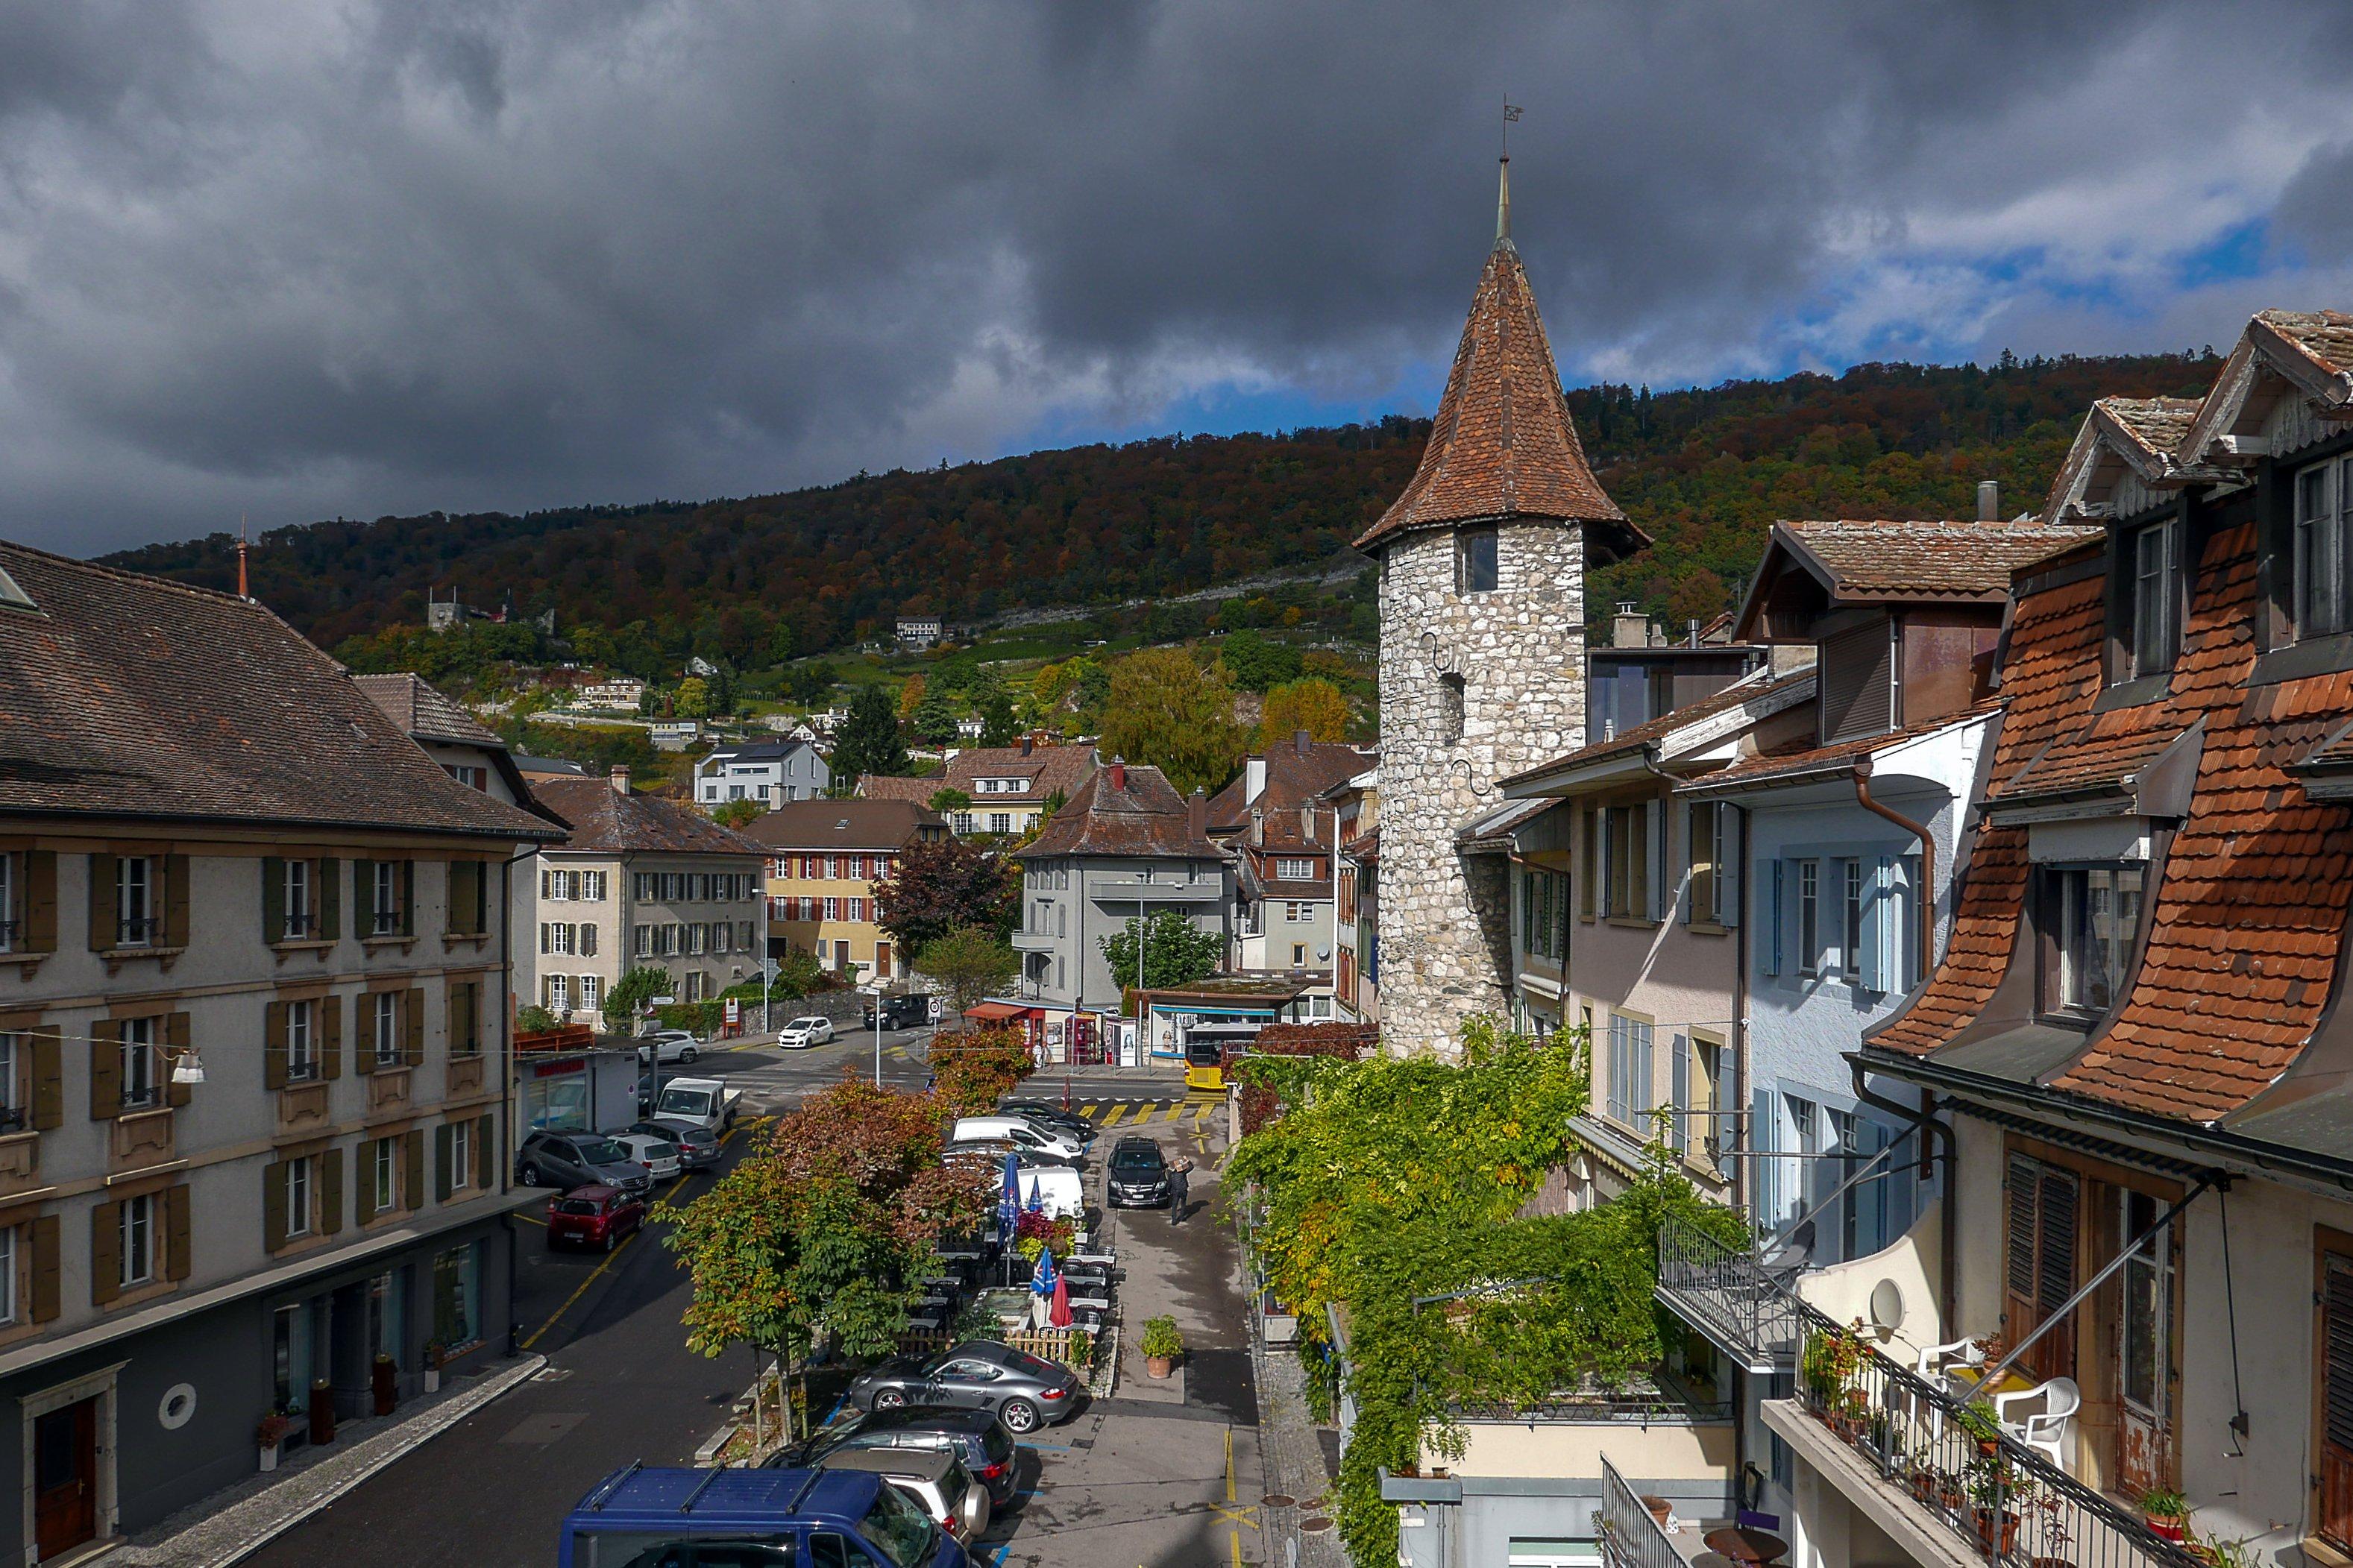 Visite guid e de la vieille ville sdn soci t de d veloppement de la neuveville - Office du tourisme andorre la vieille ...